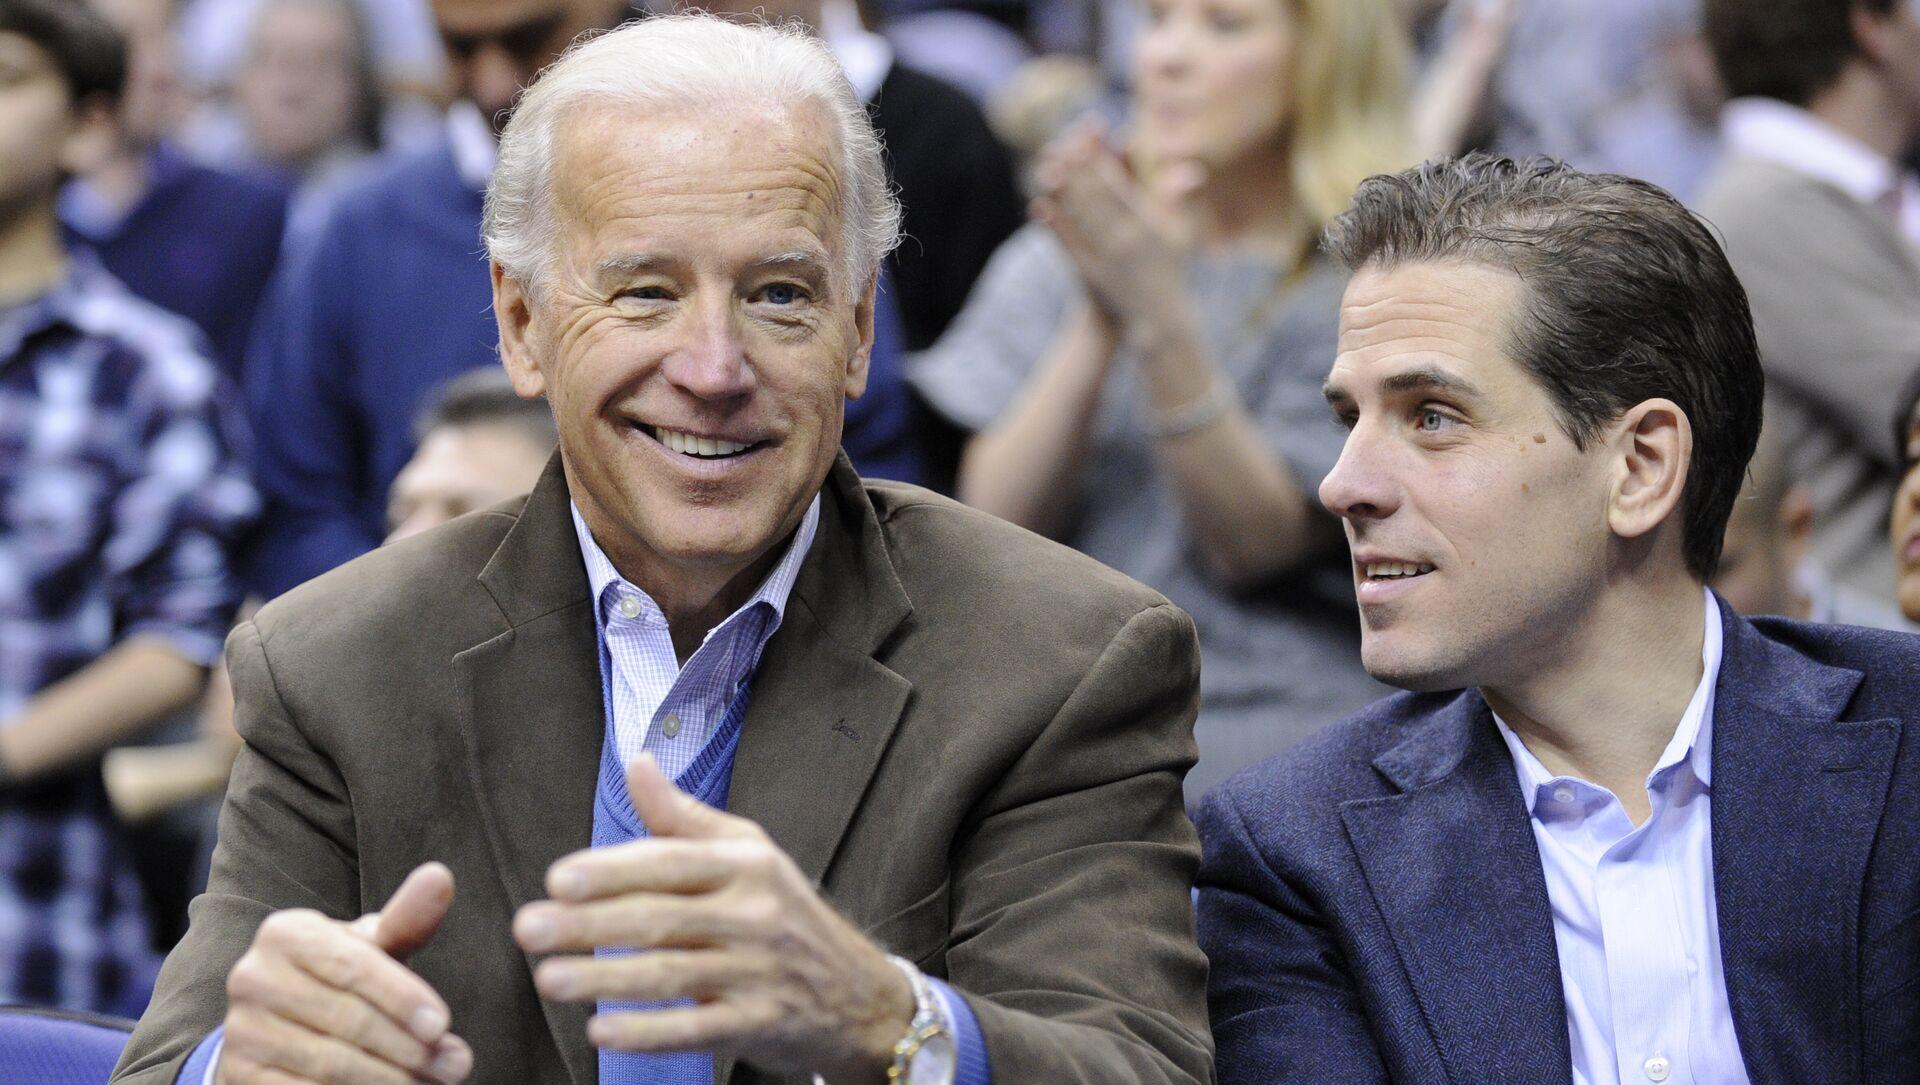 Joe Biden, el vicepresidente de EEUU, con su hijo, Hunter Biden - Sputnik Mundo, 1920, 01.02.2016